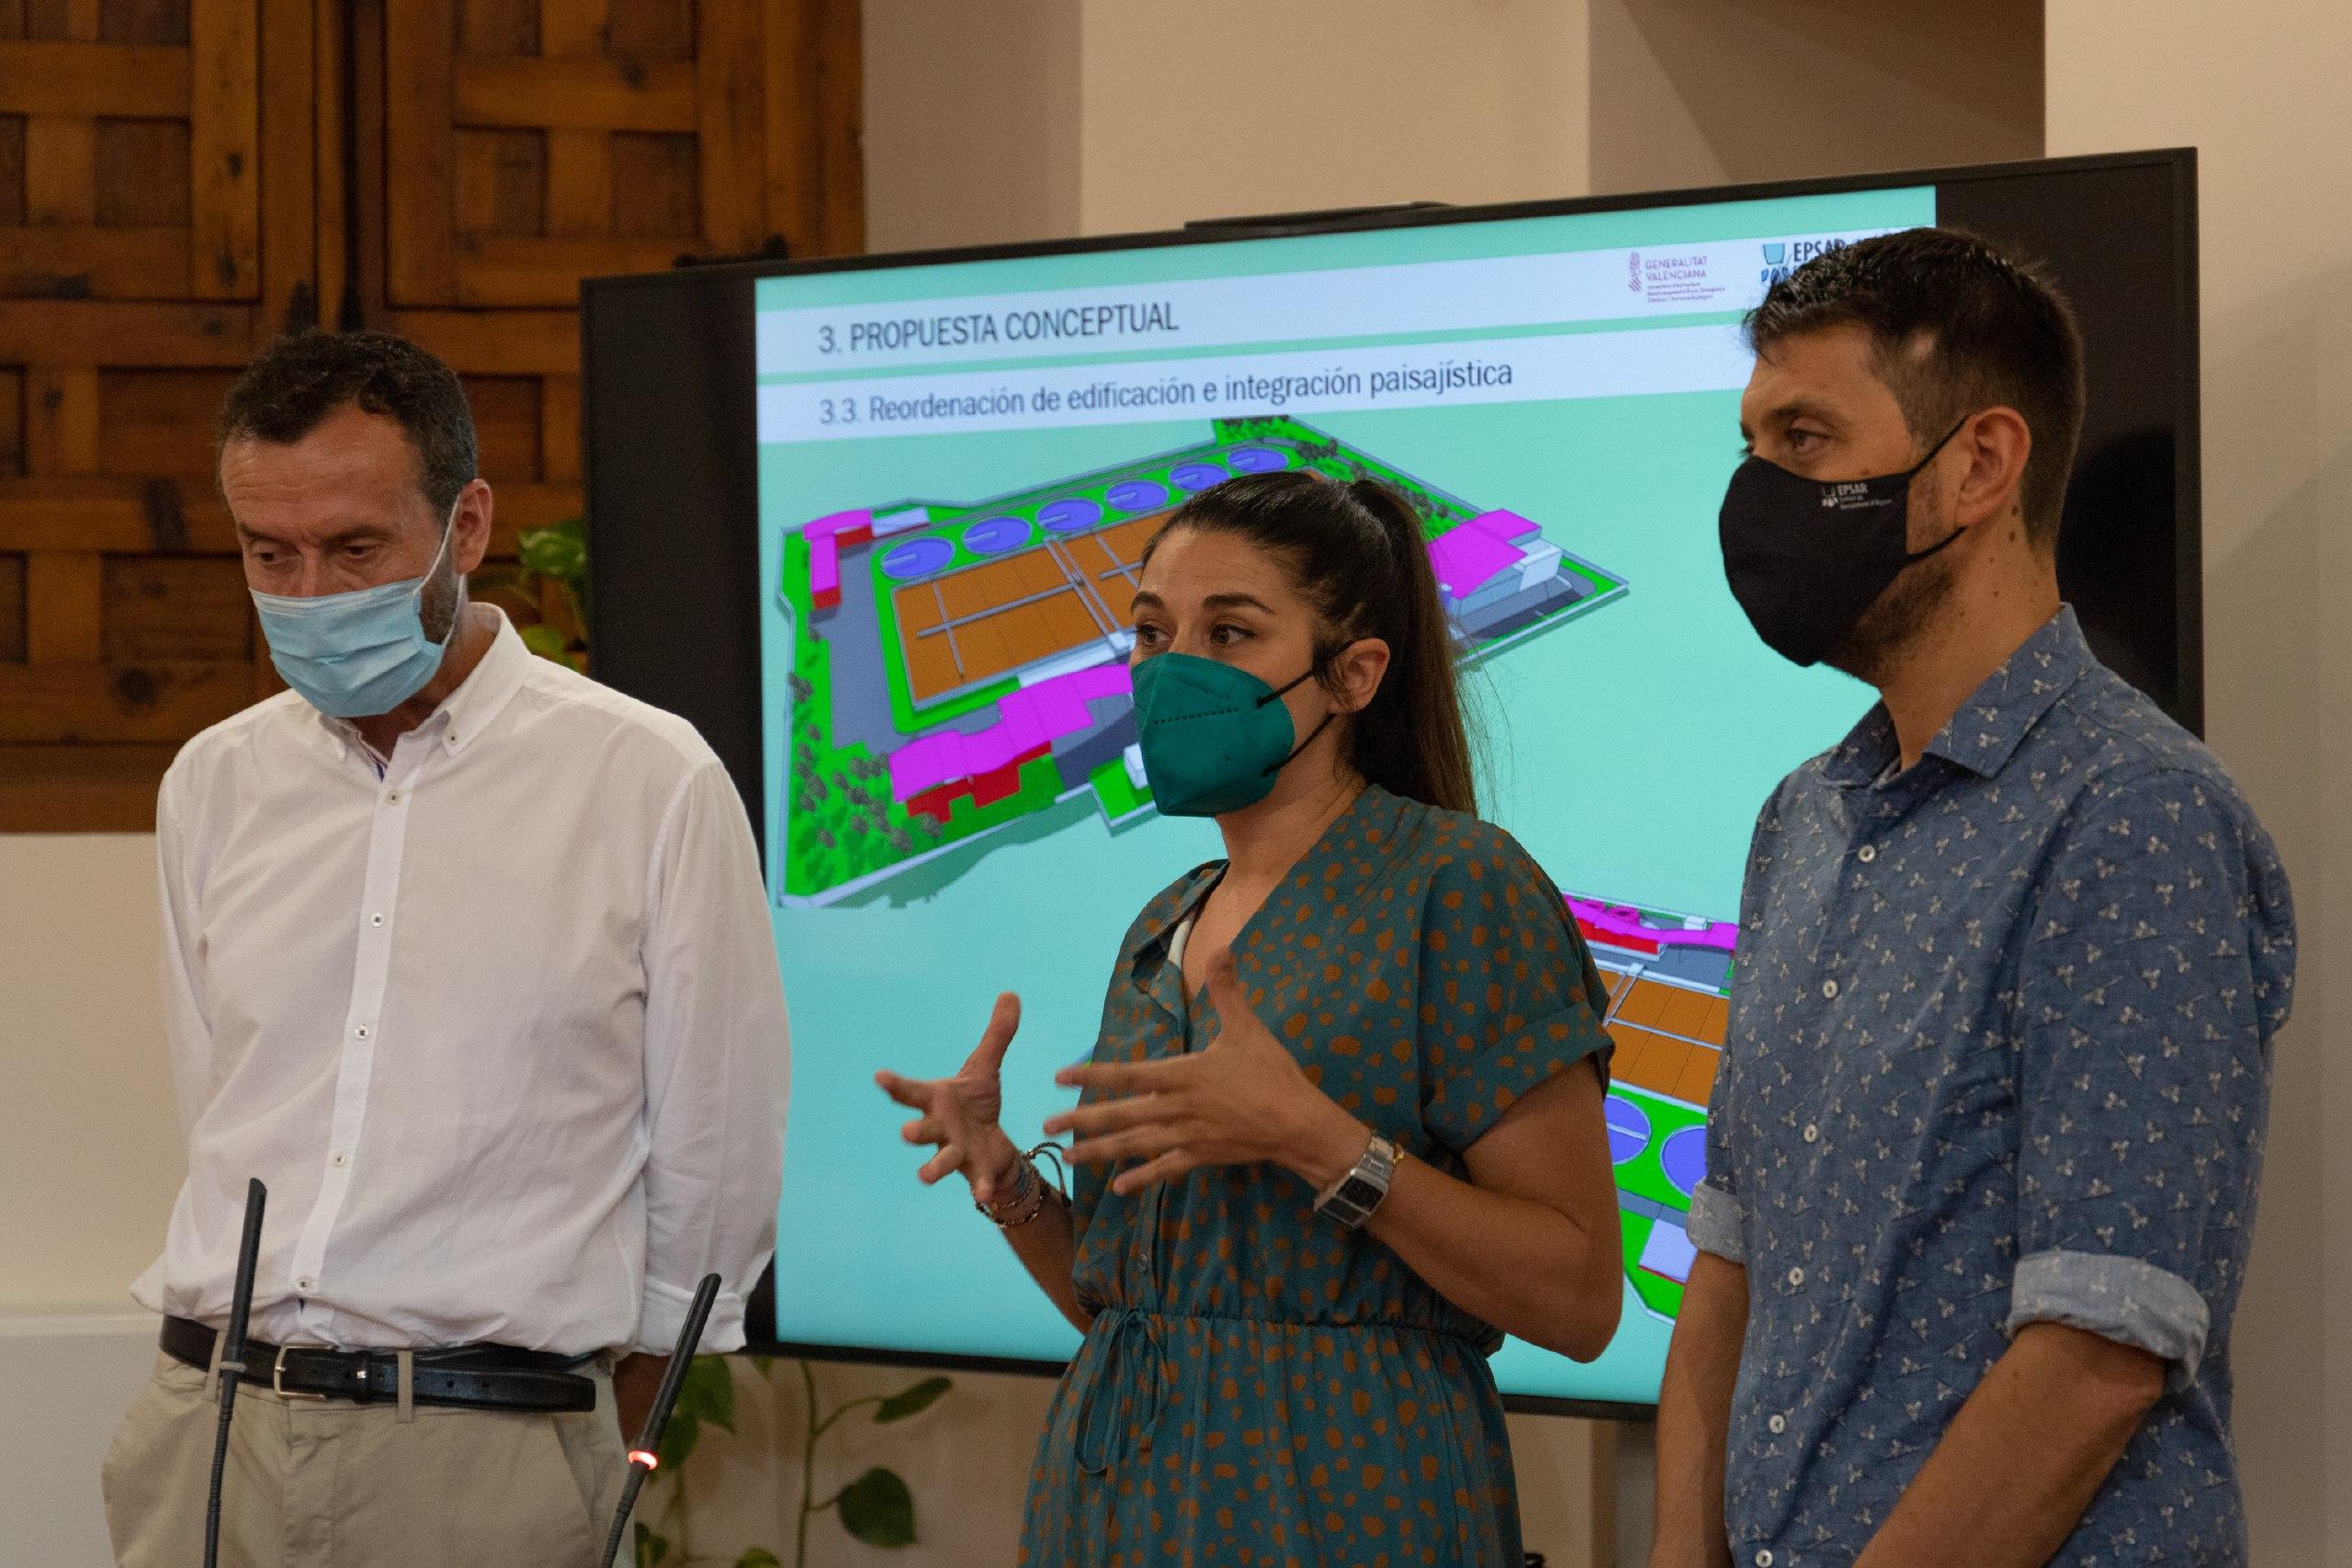 La Conselleria de Transición Ecológica invertirá 50 millones de euros en la renovación integral de la depuradora de Elche